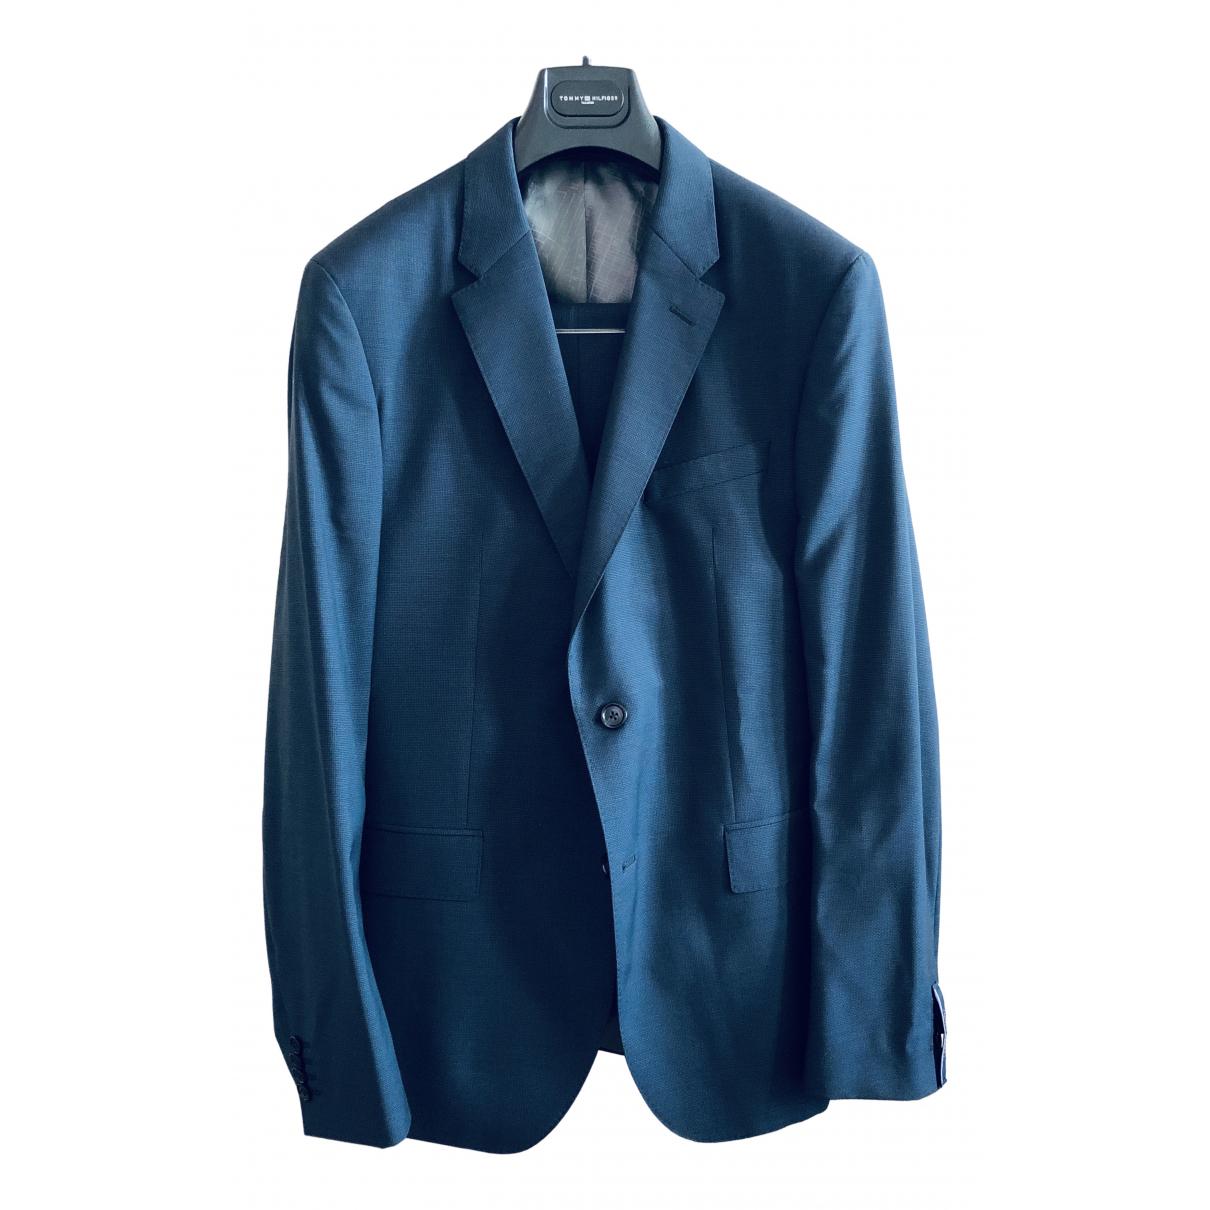 Tommy Hilfiger - Costumes   pour homme en coton - marine